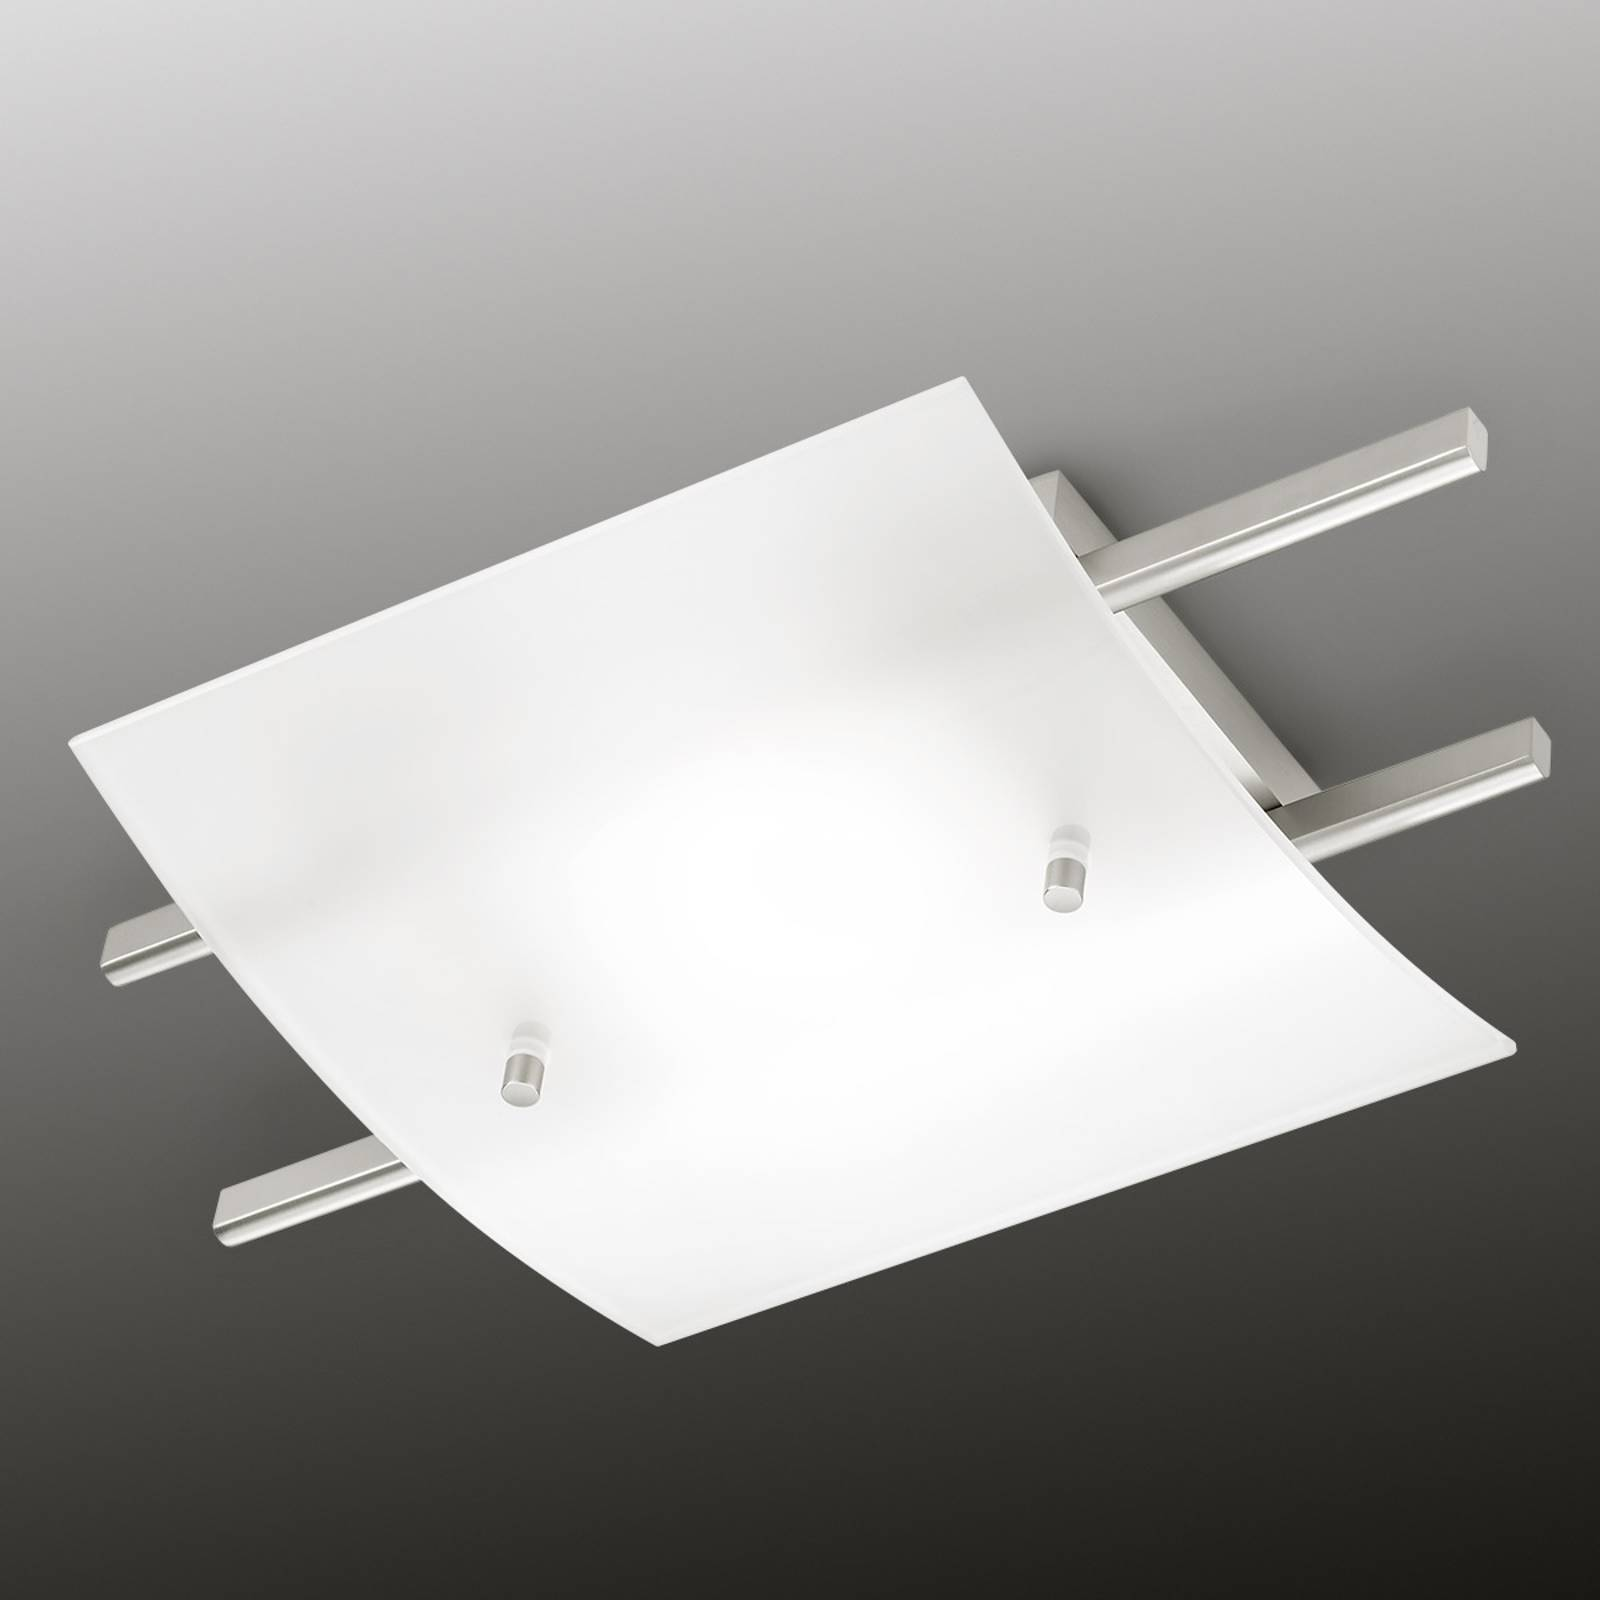 Marie LED plafondlamp met gesatineerde kap